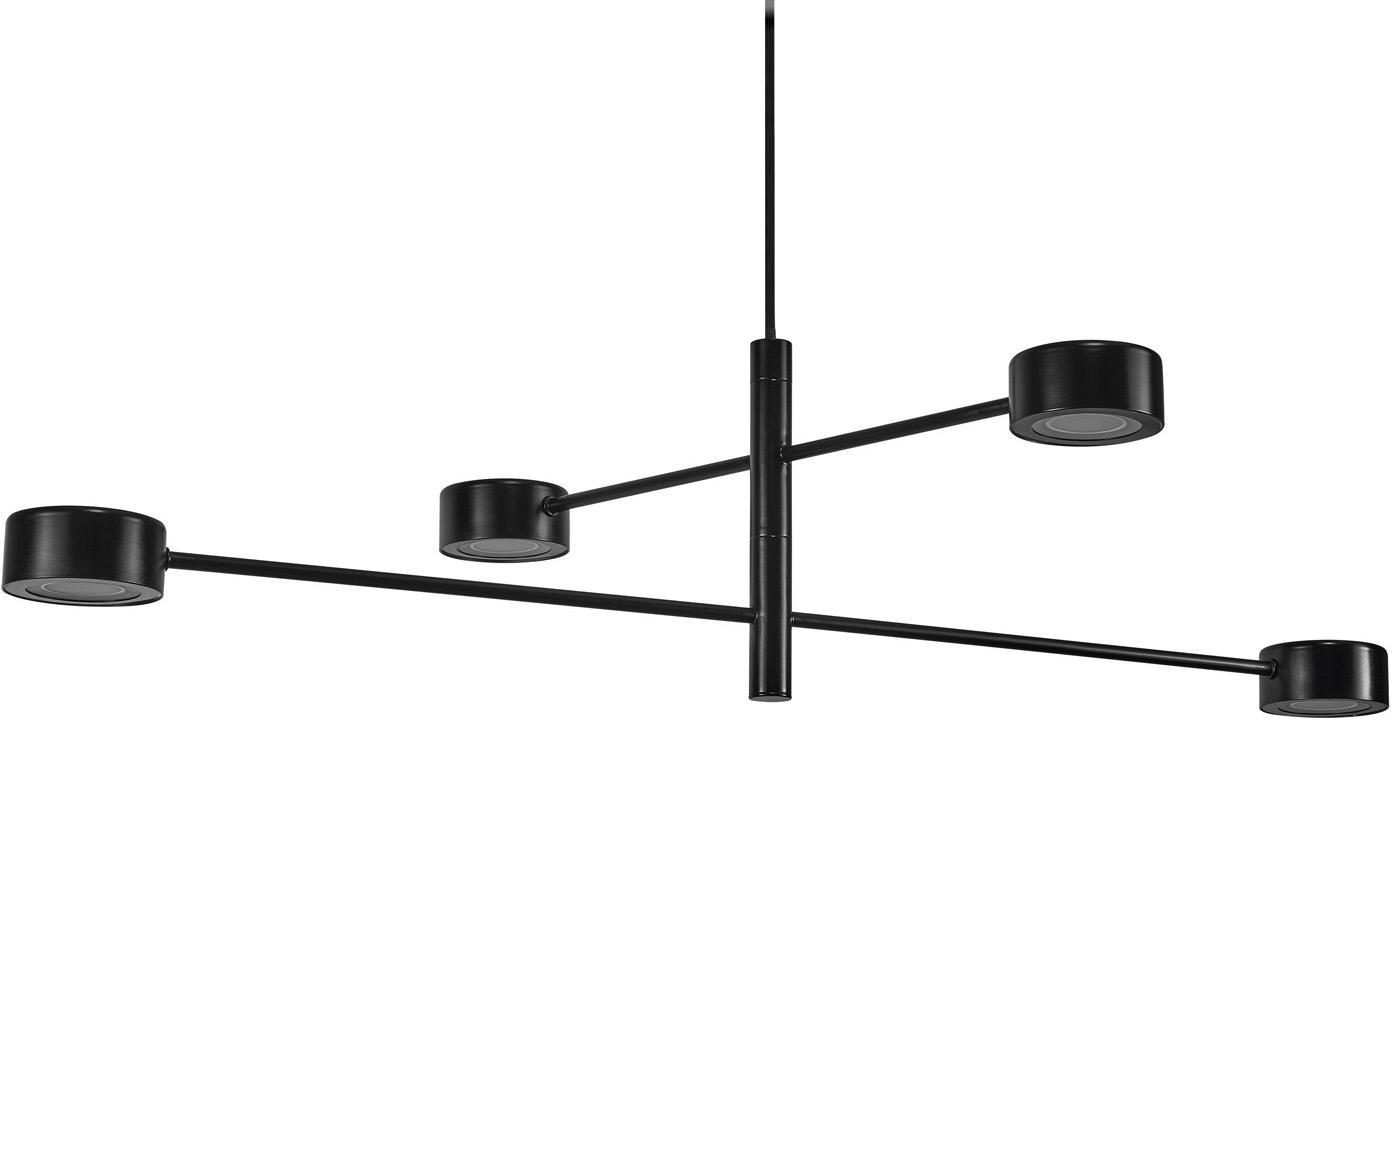 Grosse LED Pendelleuchte Clyde, Lampenschirm: Metall, beschichtet, Baldachin: Metall, beschichtet, Schwarz, Ø 90 x H 222 cm